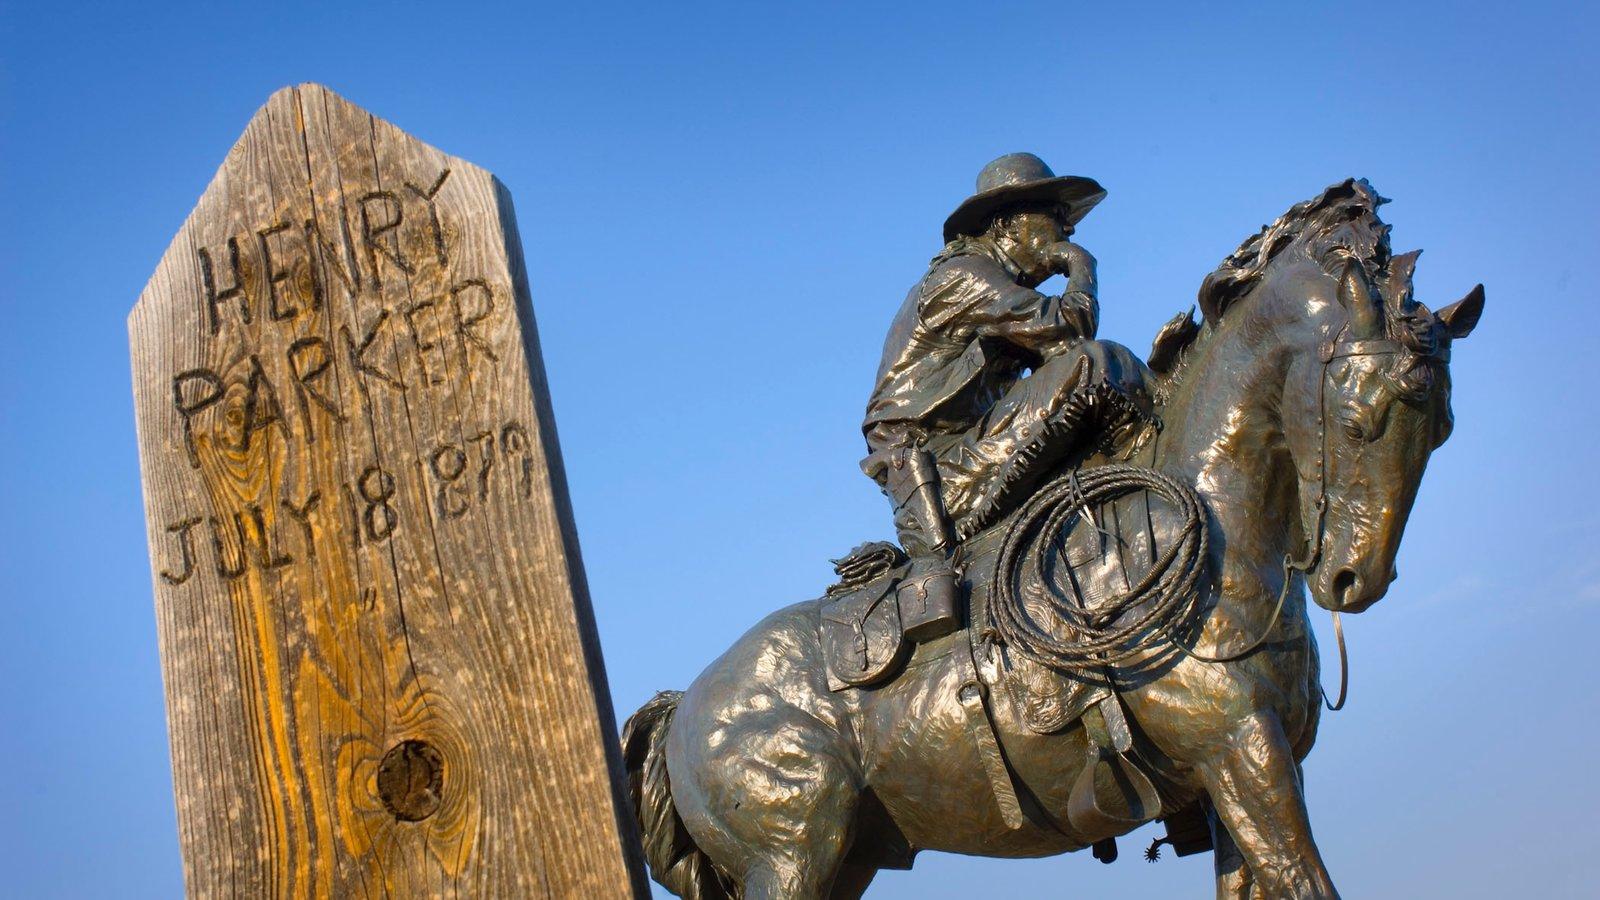 Ogallala mostrando um monumento e uma estátua ou escultura